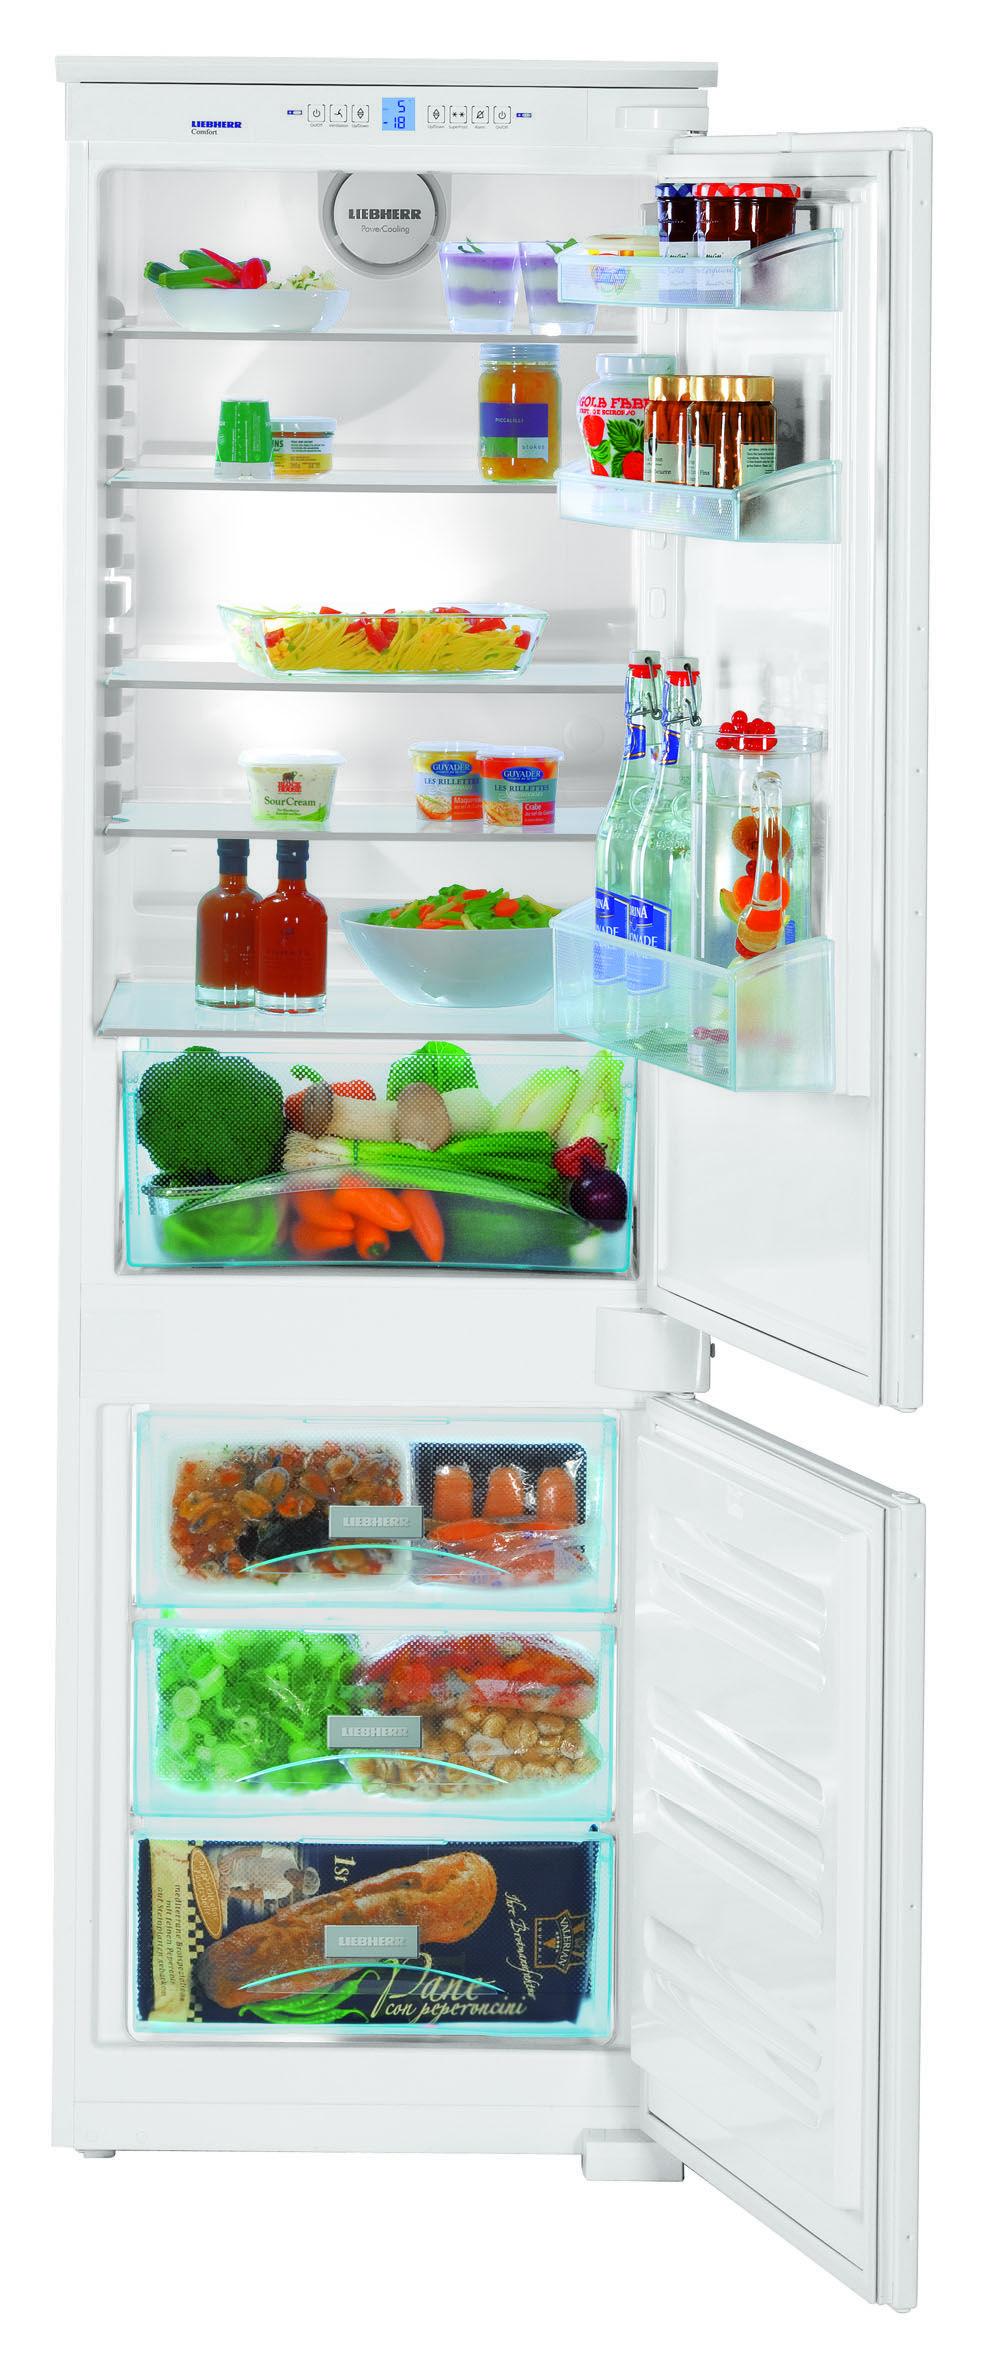 Liebherr Ics 3304 Comfort Built In Fridge Freezer